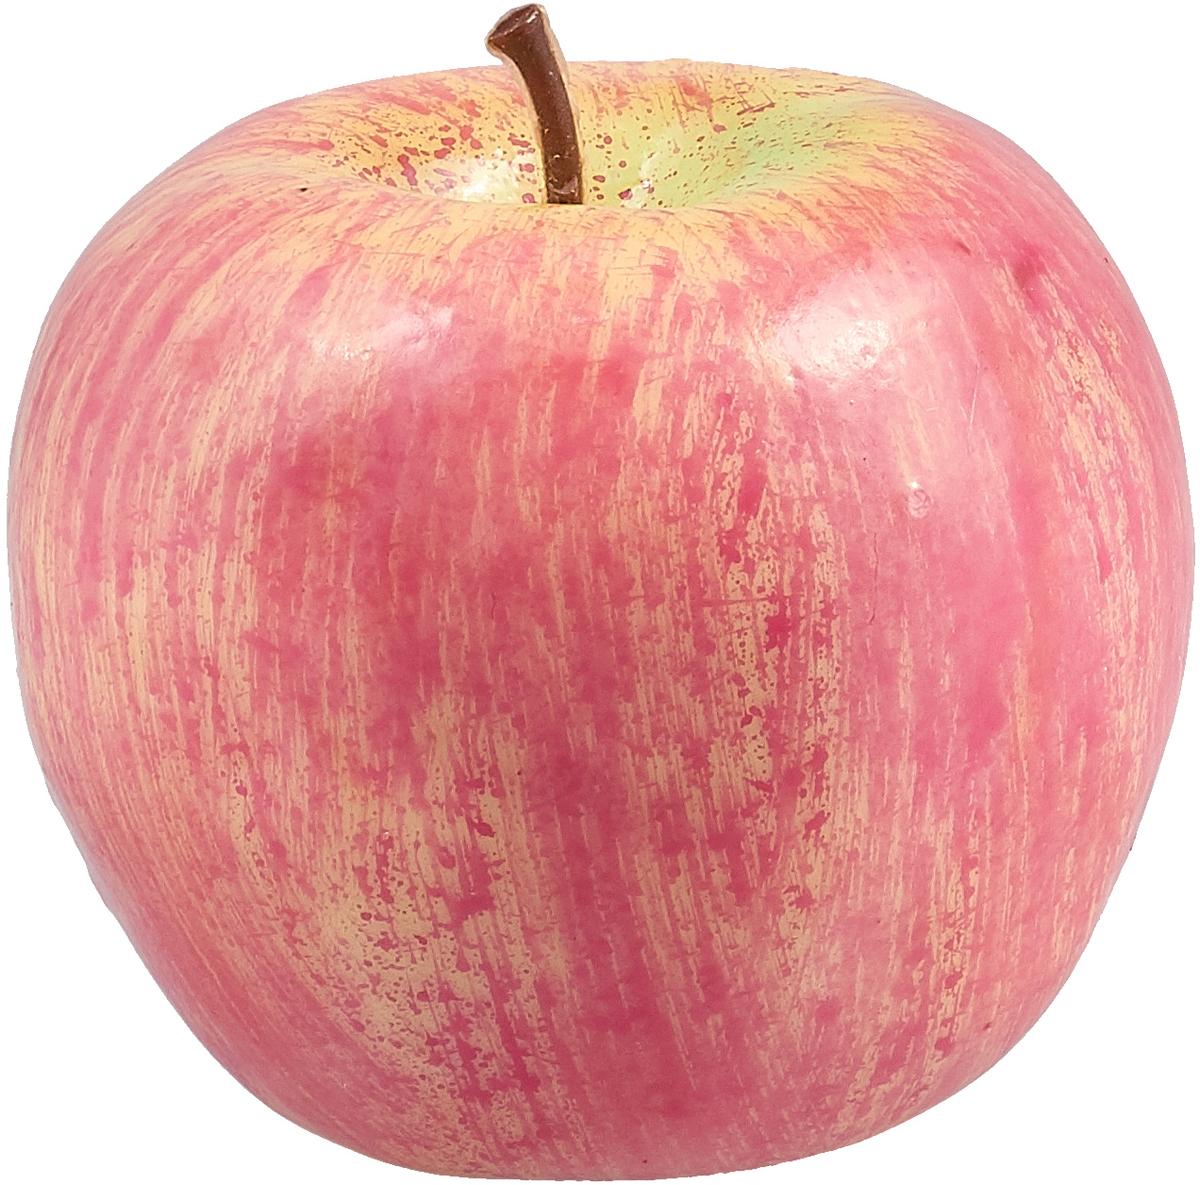 Муляж Engard Яблоко, цвет: розовый, 9 см муляж engard гранат 9 см